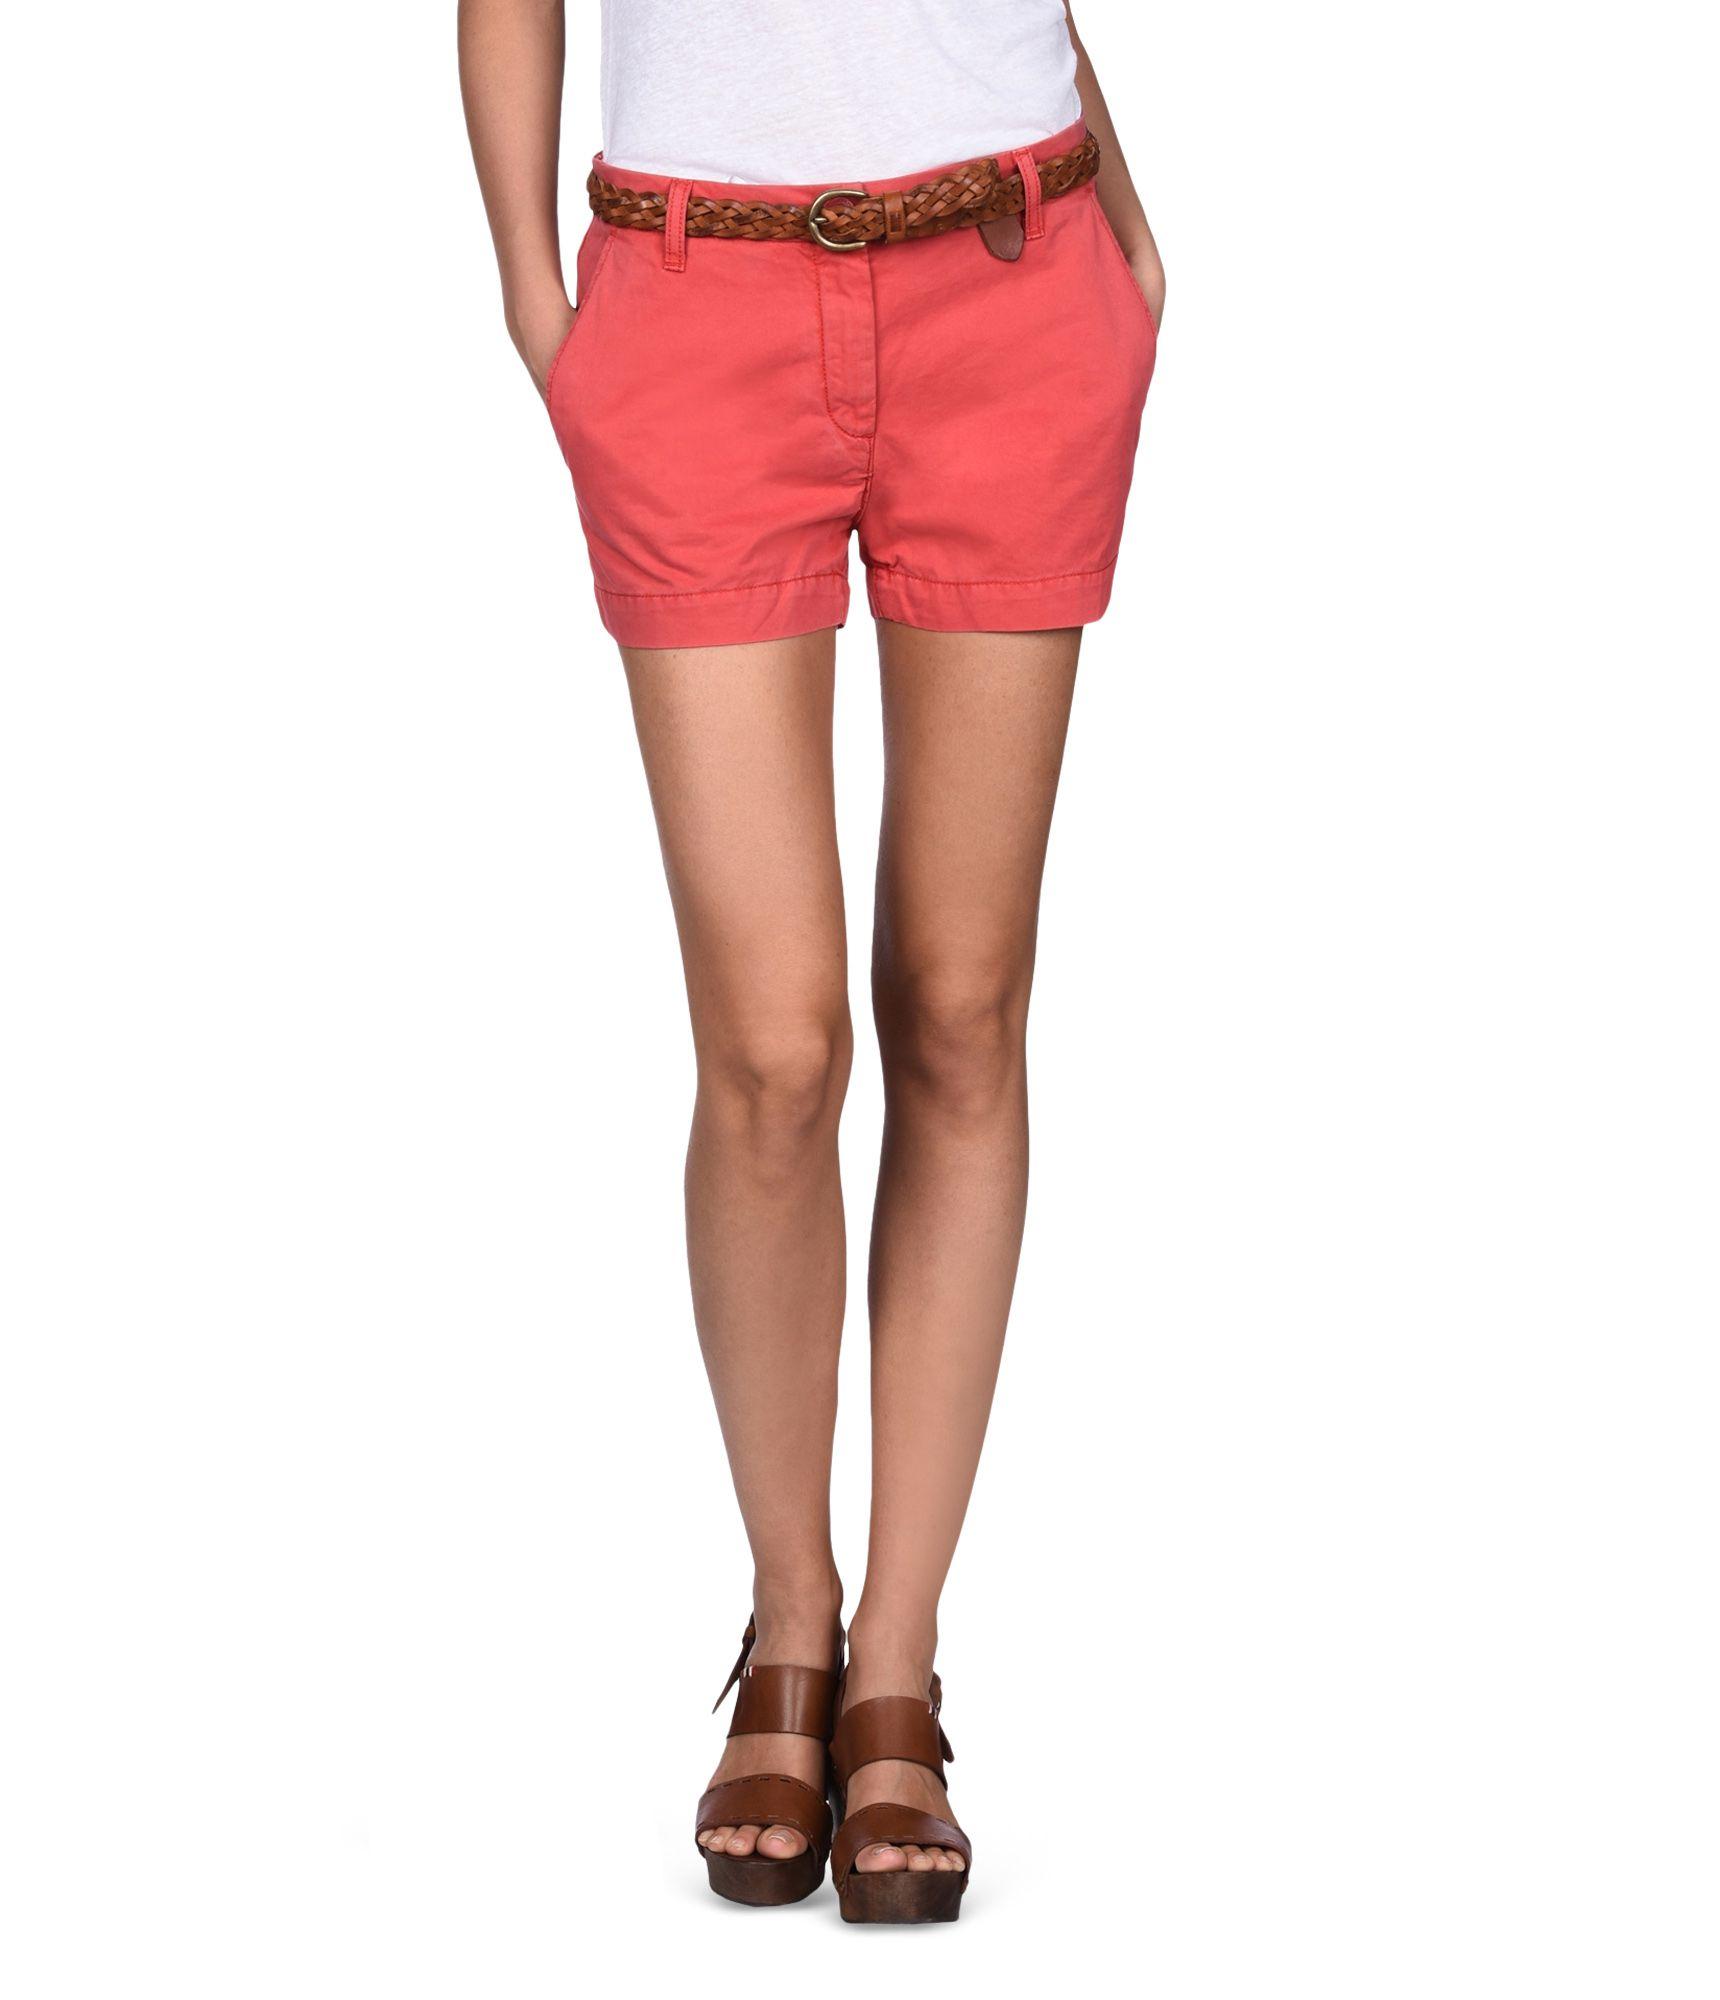 Artikel klicken und genauer betrachten! - Damen-Shorts aus Gabardine Vintage-Effektbehandlung Reißverschluss mit Knopf Diagonale Vordertaschen Leistentaschen hinten Bedrucktes Kontrastmaterial innen am Bund Grafikelemente | im Online Shop kaufen